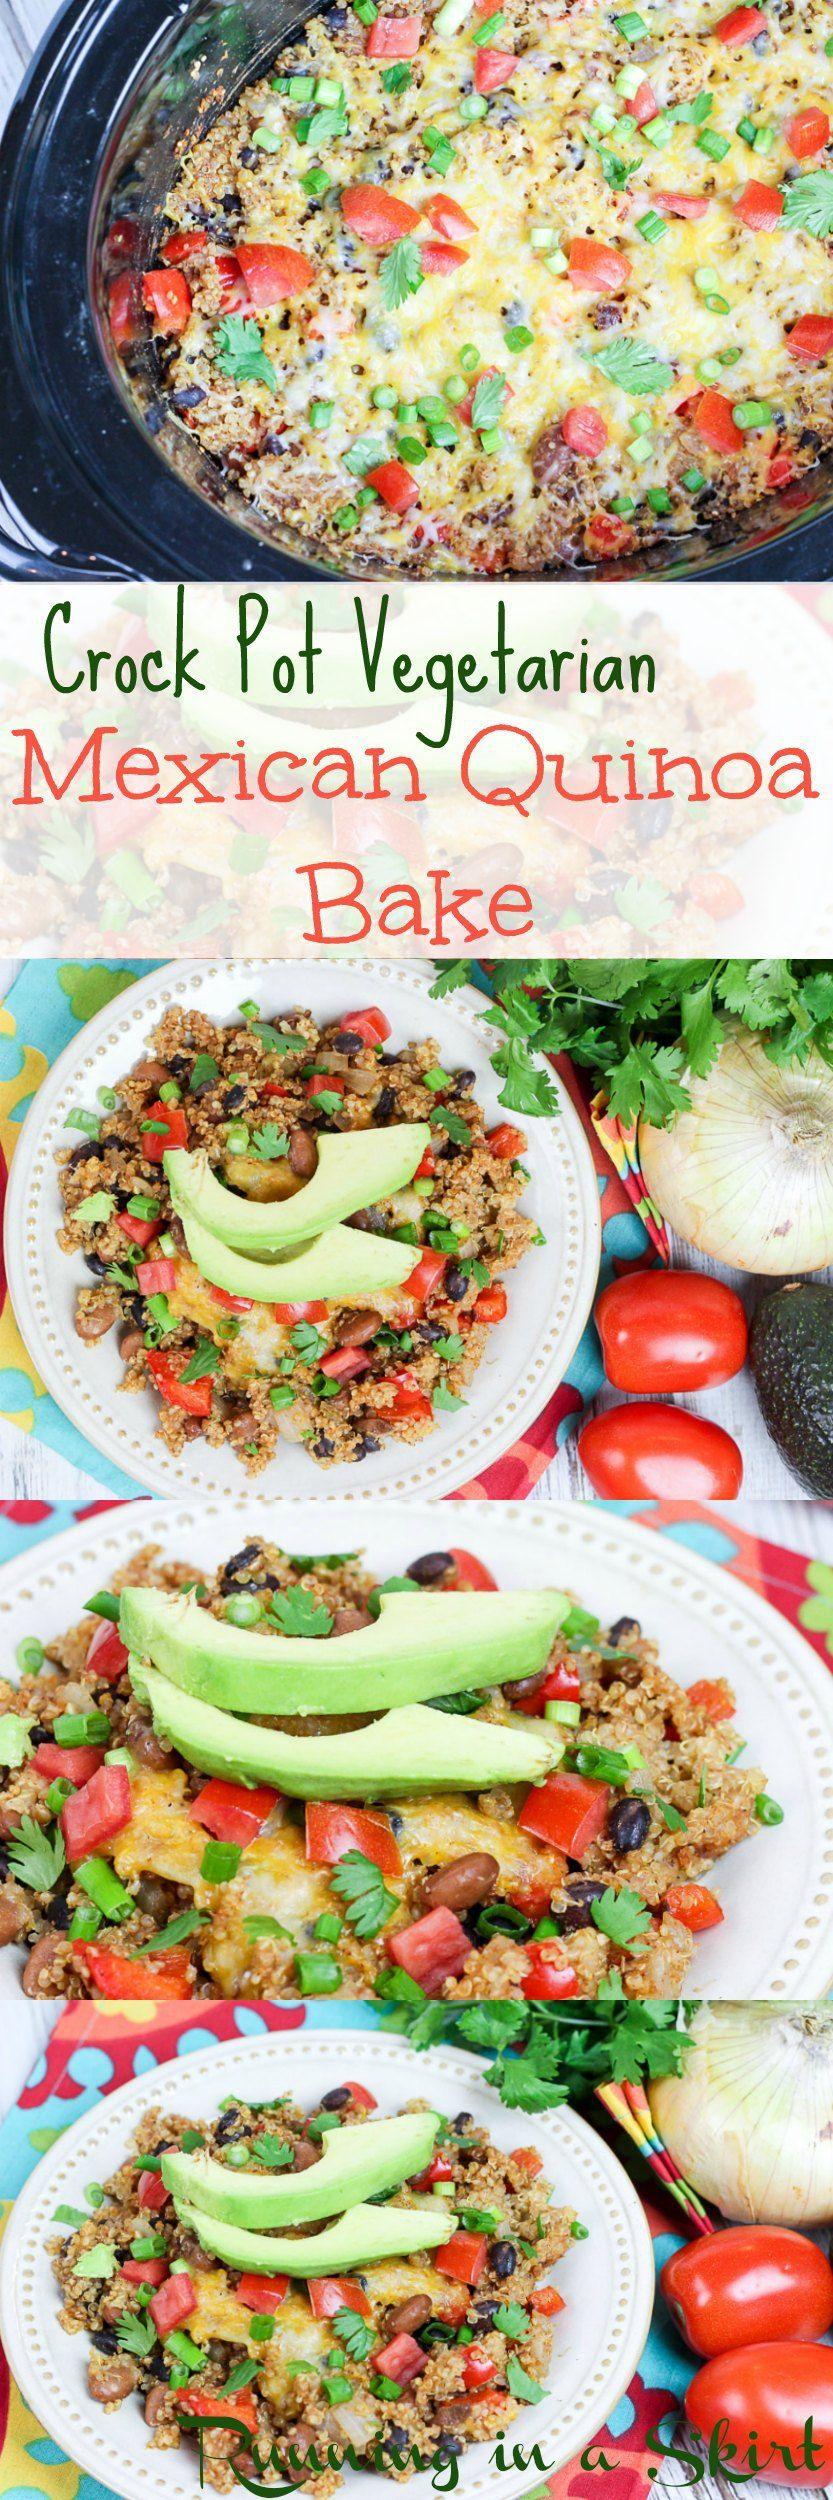 Crock pot vegetarian mexican quinoa bake running in a